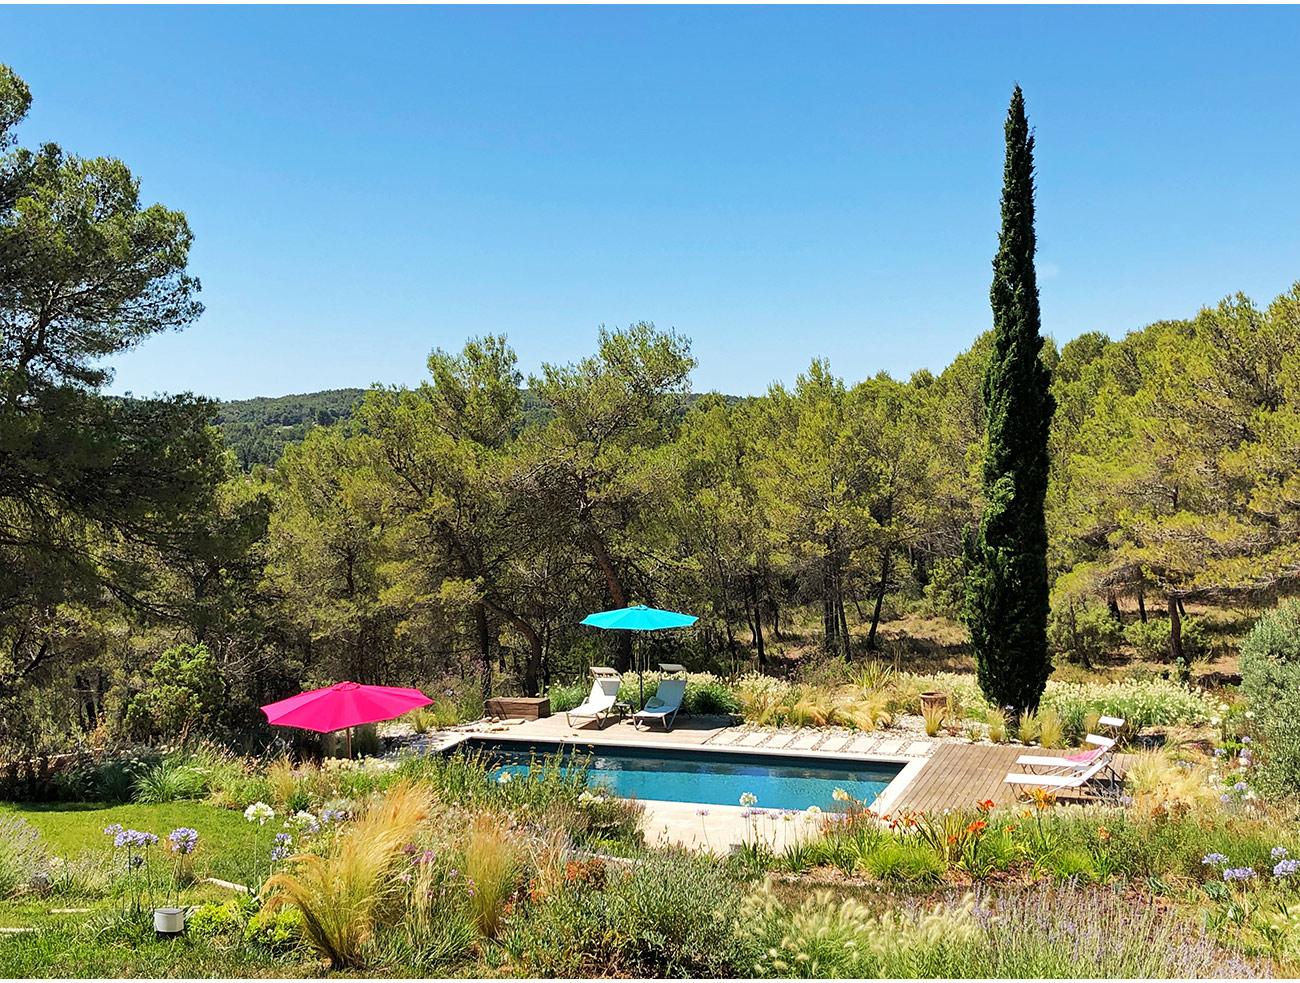 Atelier Naudier - Architecte paysagiste concepteur - Montpellier et Aix en Provence - Ambiance naturel de bords de piscine - aménagement jardin